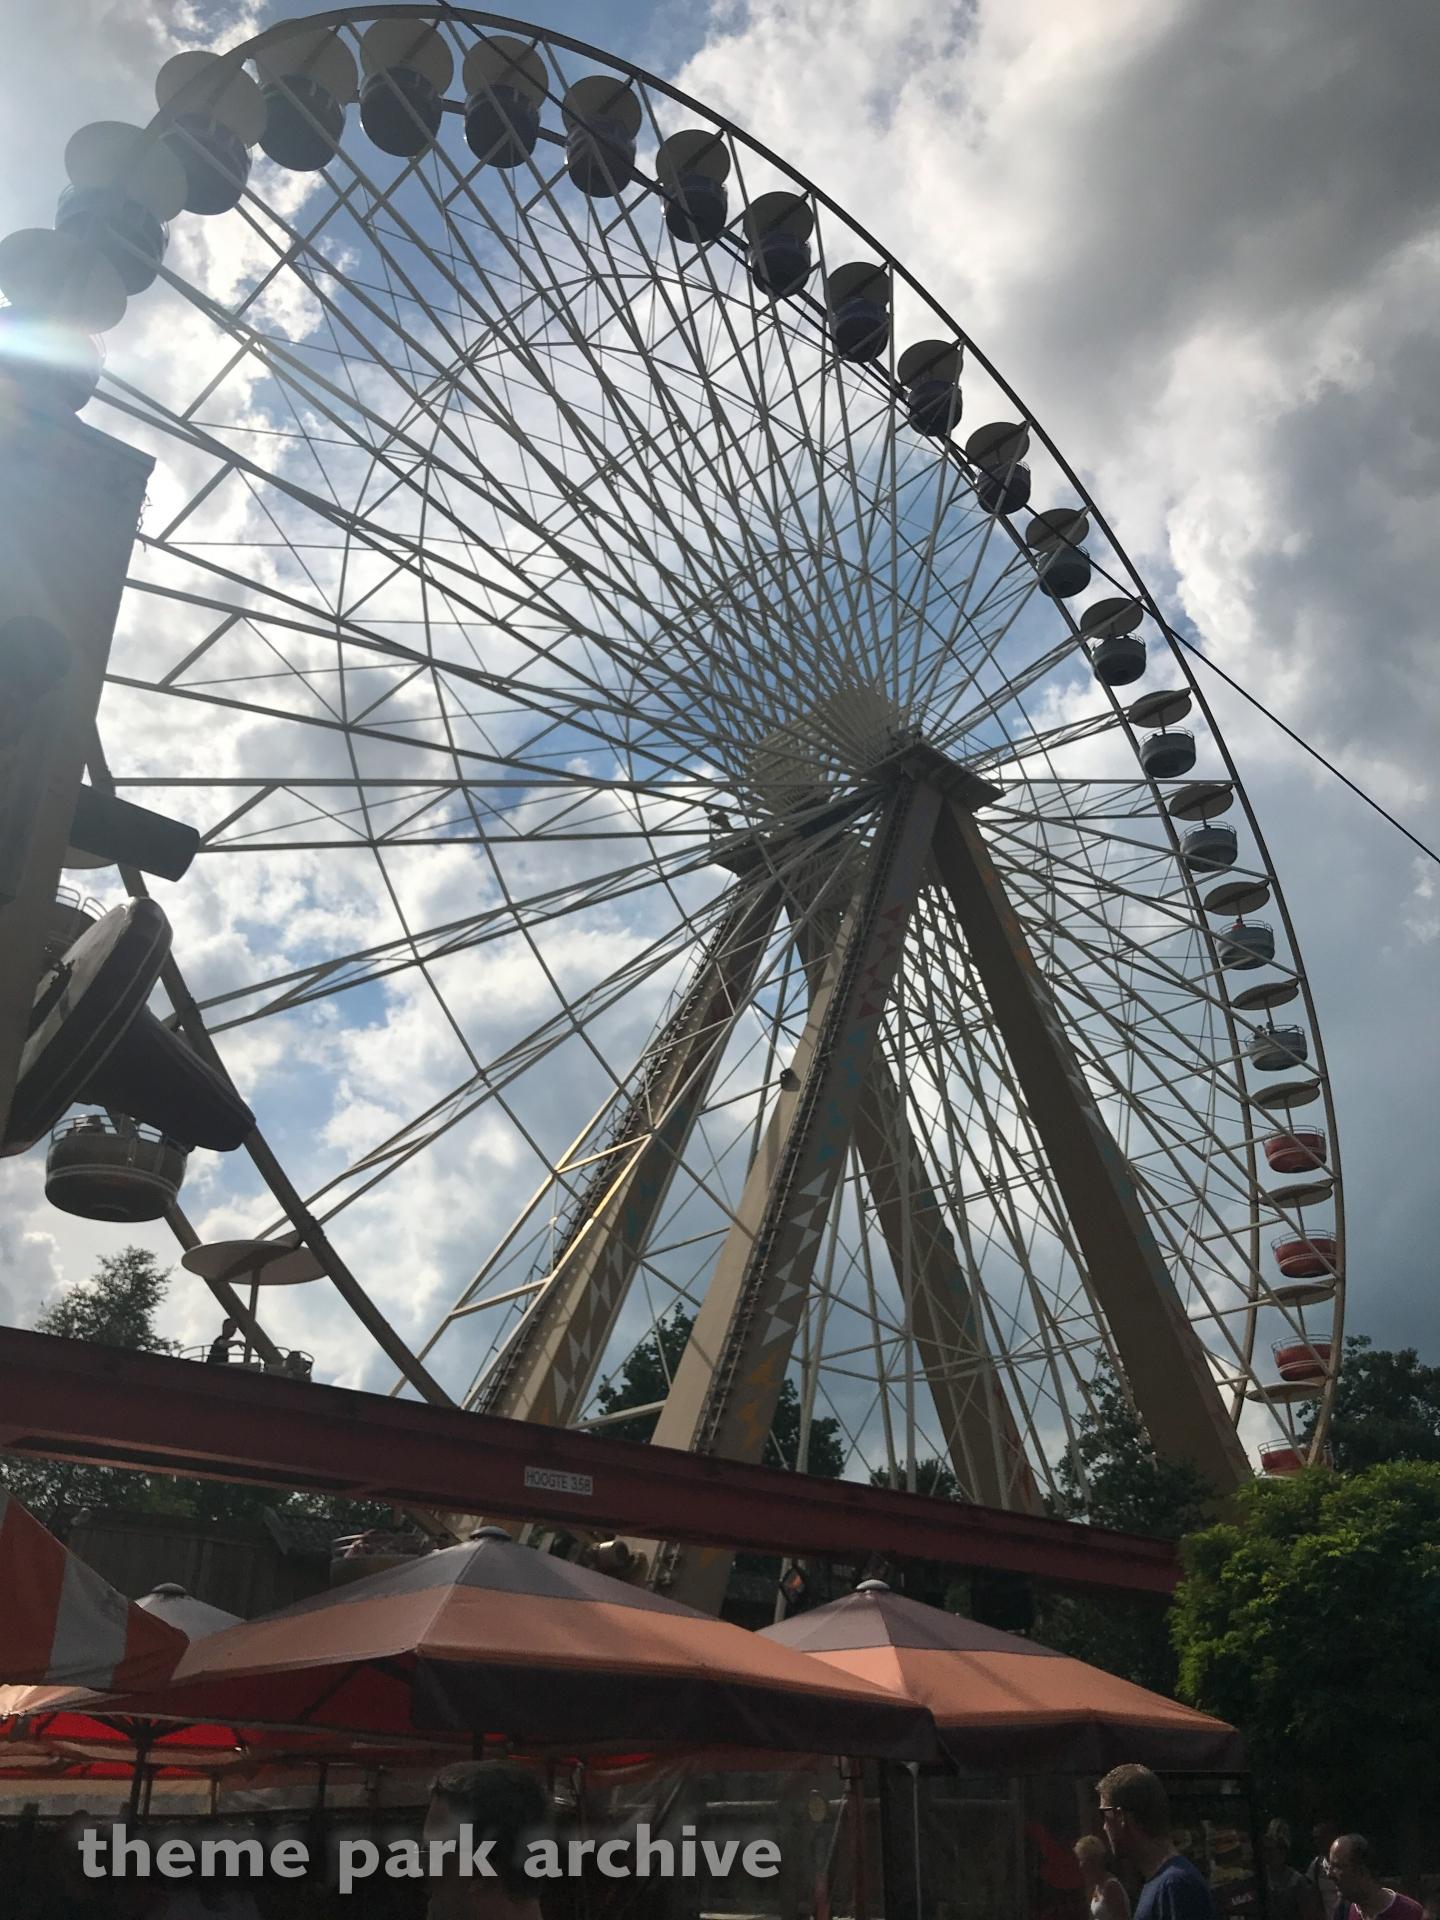 Big Wheel at Attractiepark Slagharen